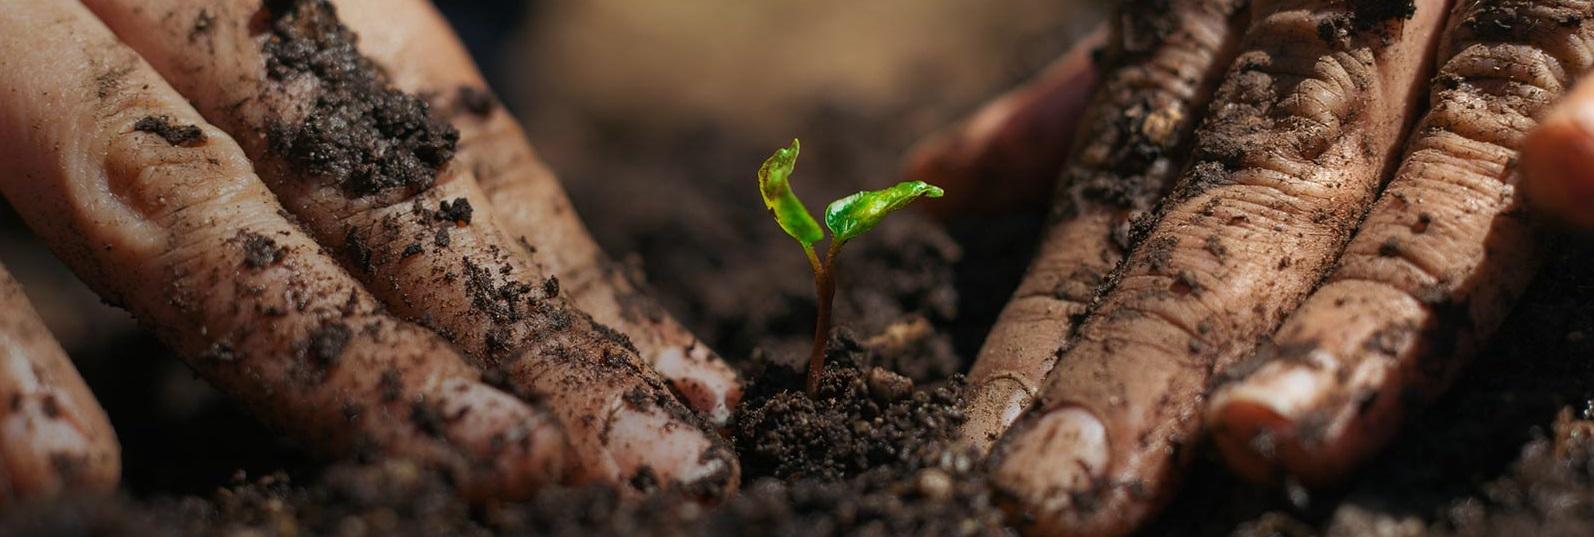 PlantingBaby.jpg